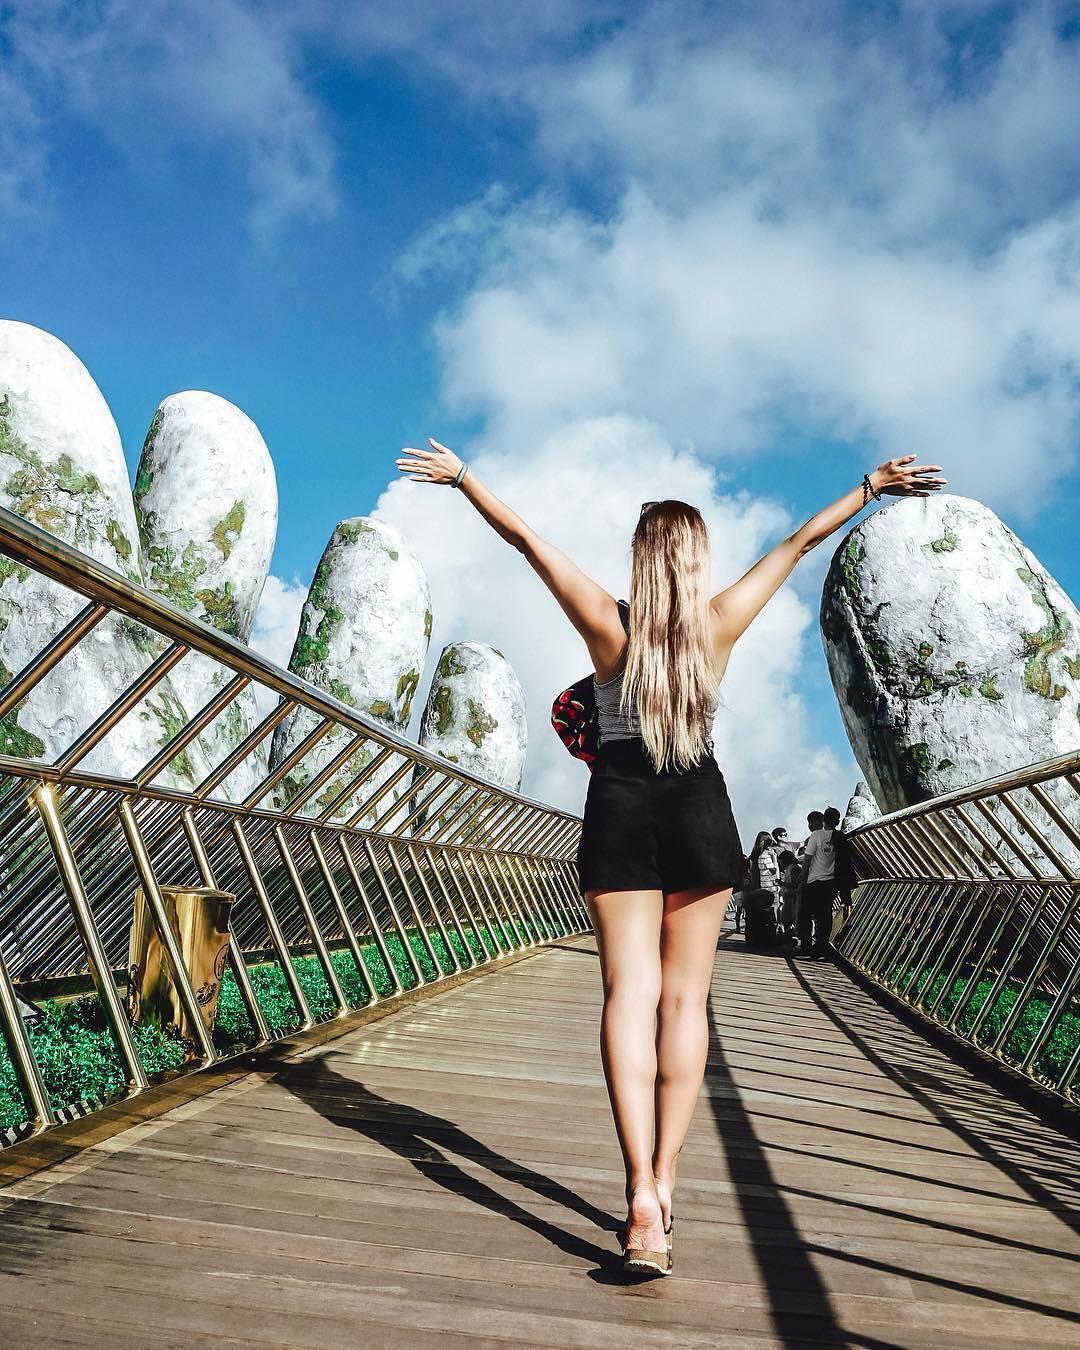 """""""Act cool đứng hình mất 5s"""" trước 8 cây cầu sống ảo đẹp nhất Việt Nam, bạn đã check-in hết chưa? - Ảnh 6."""